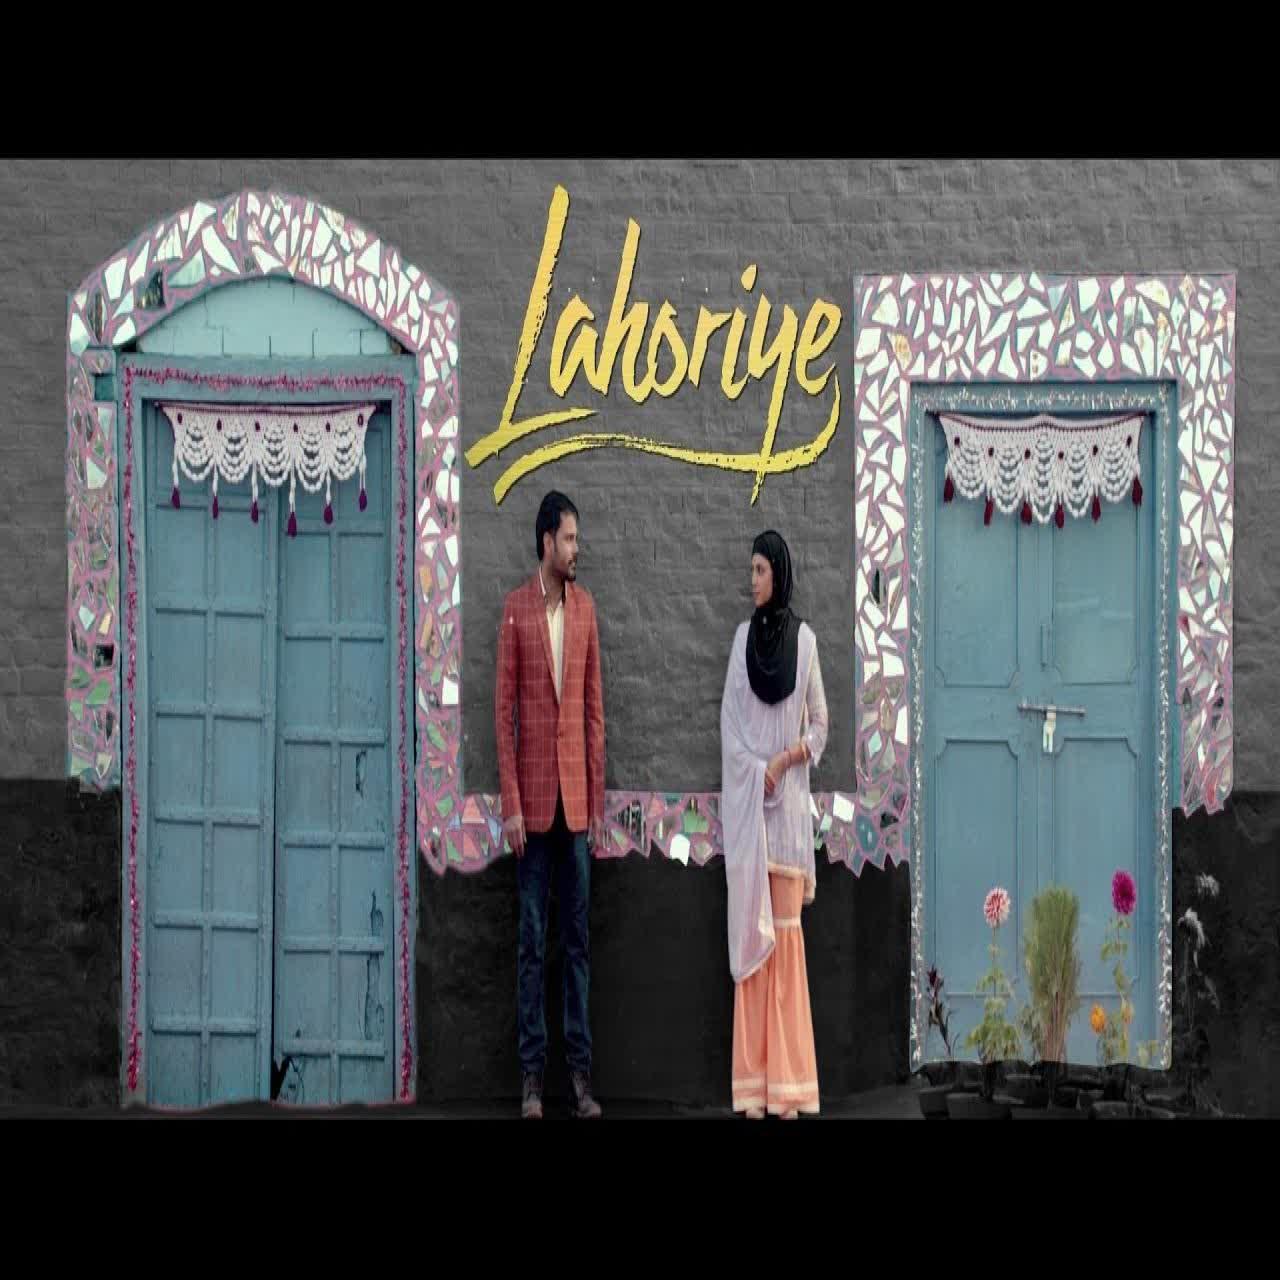 Paani Ravi Da (Lahoriye) Amrinder Gill